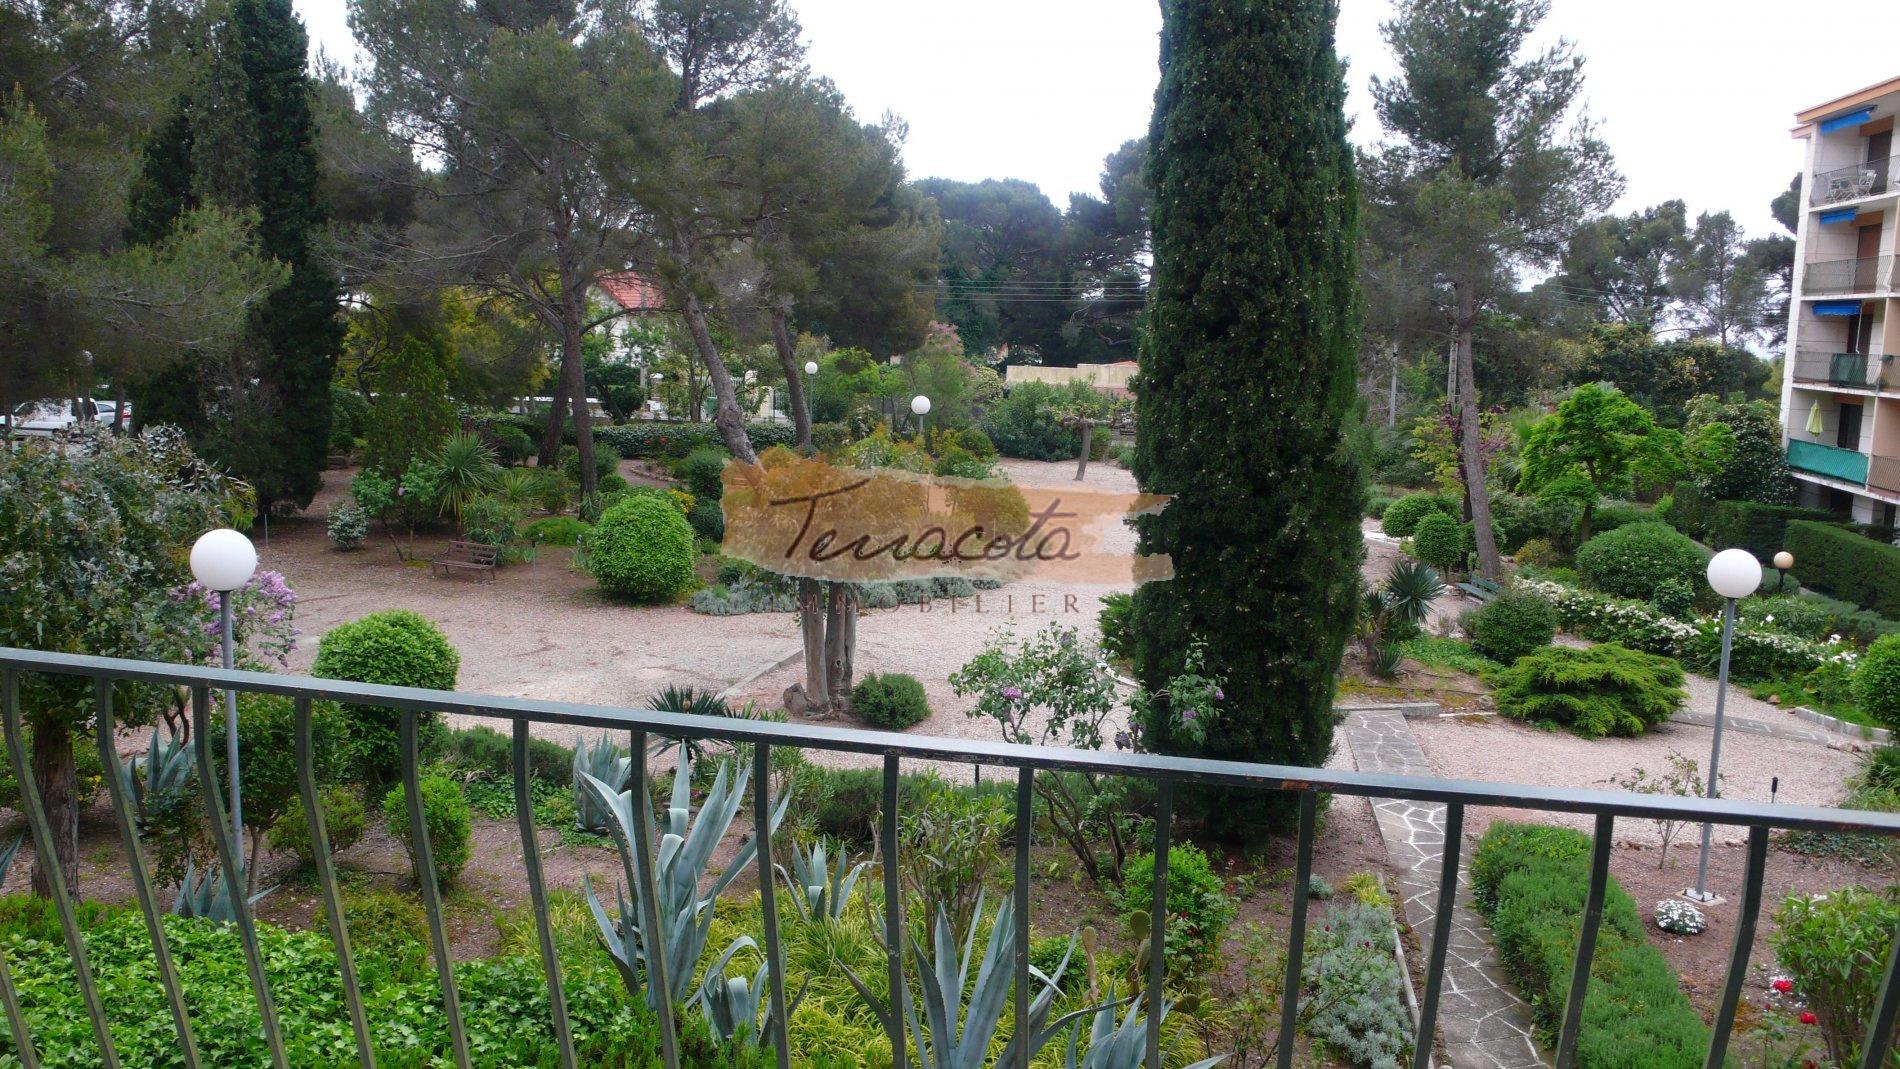 vue de la terrasse, parc fleuri, résidence fermée et sécurisée